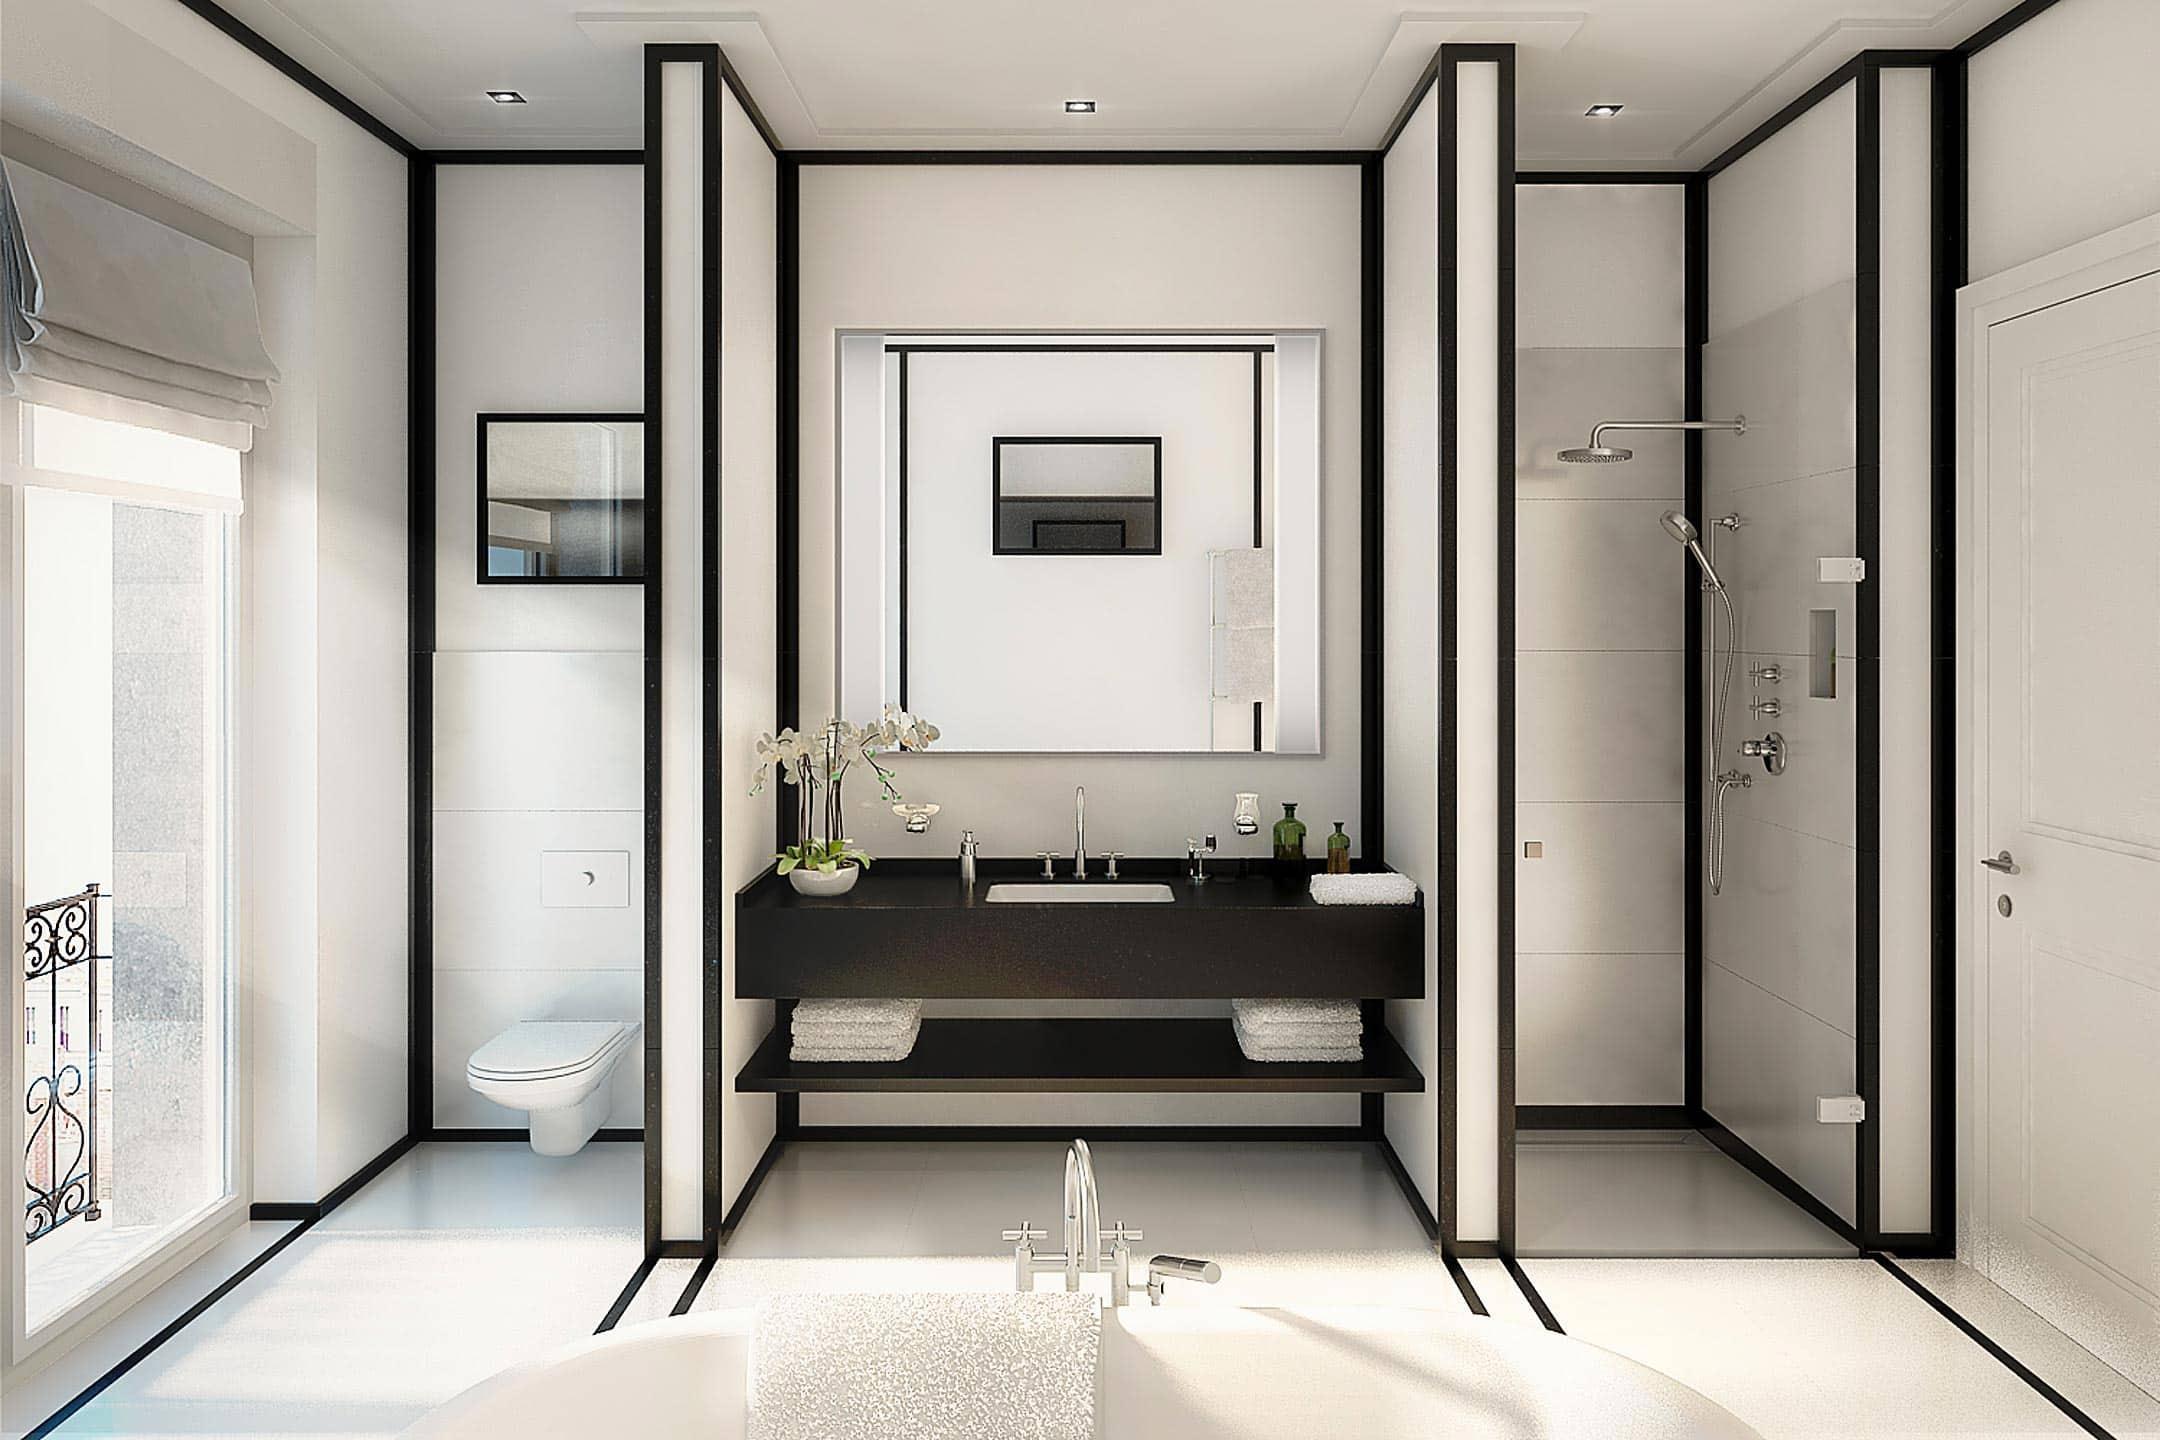 Badezimmer Eisenzahn in schwarz weiß